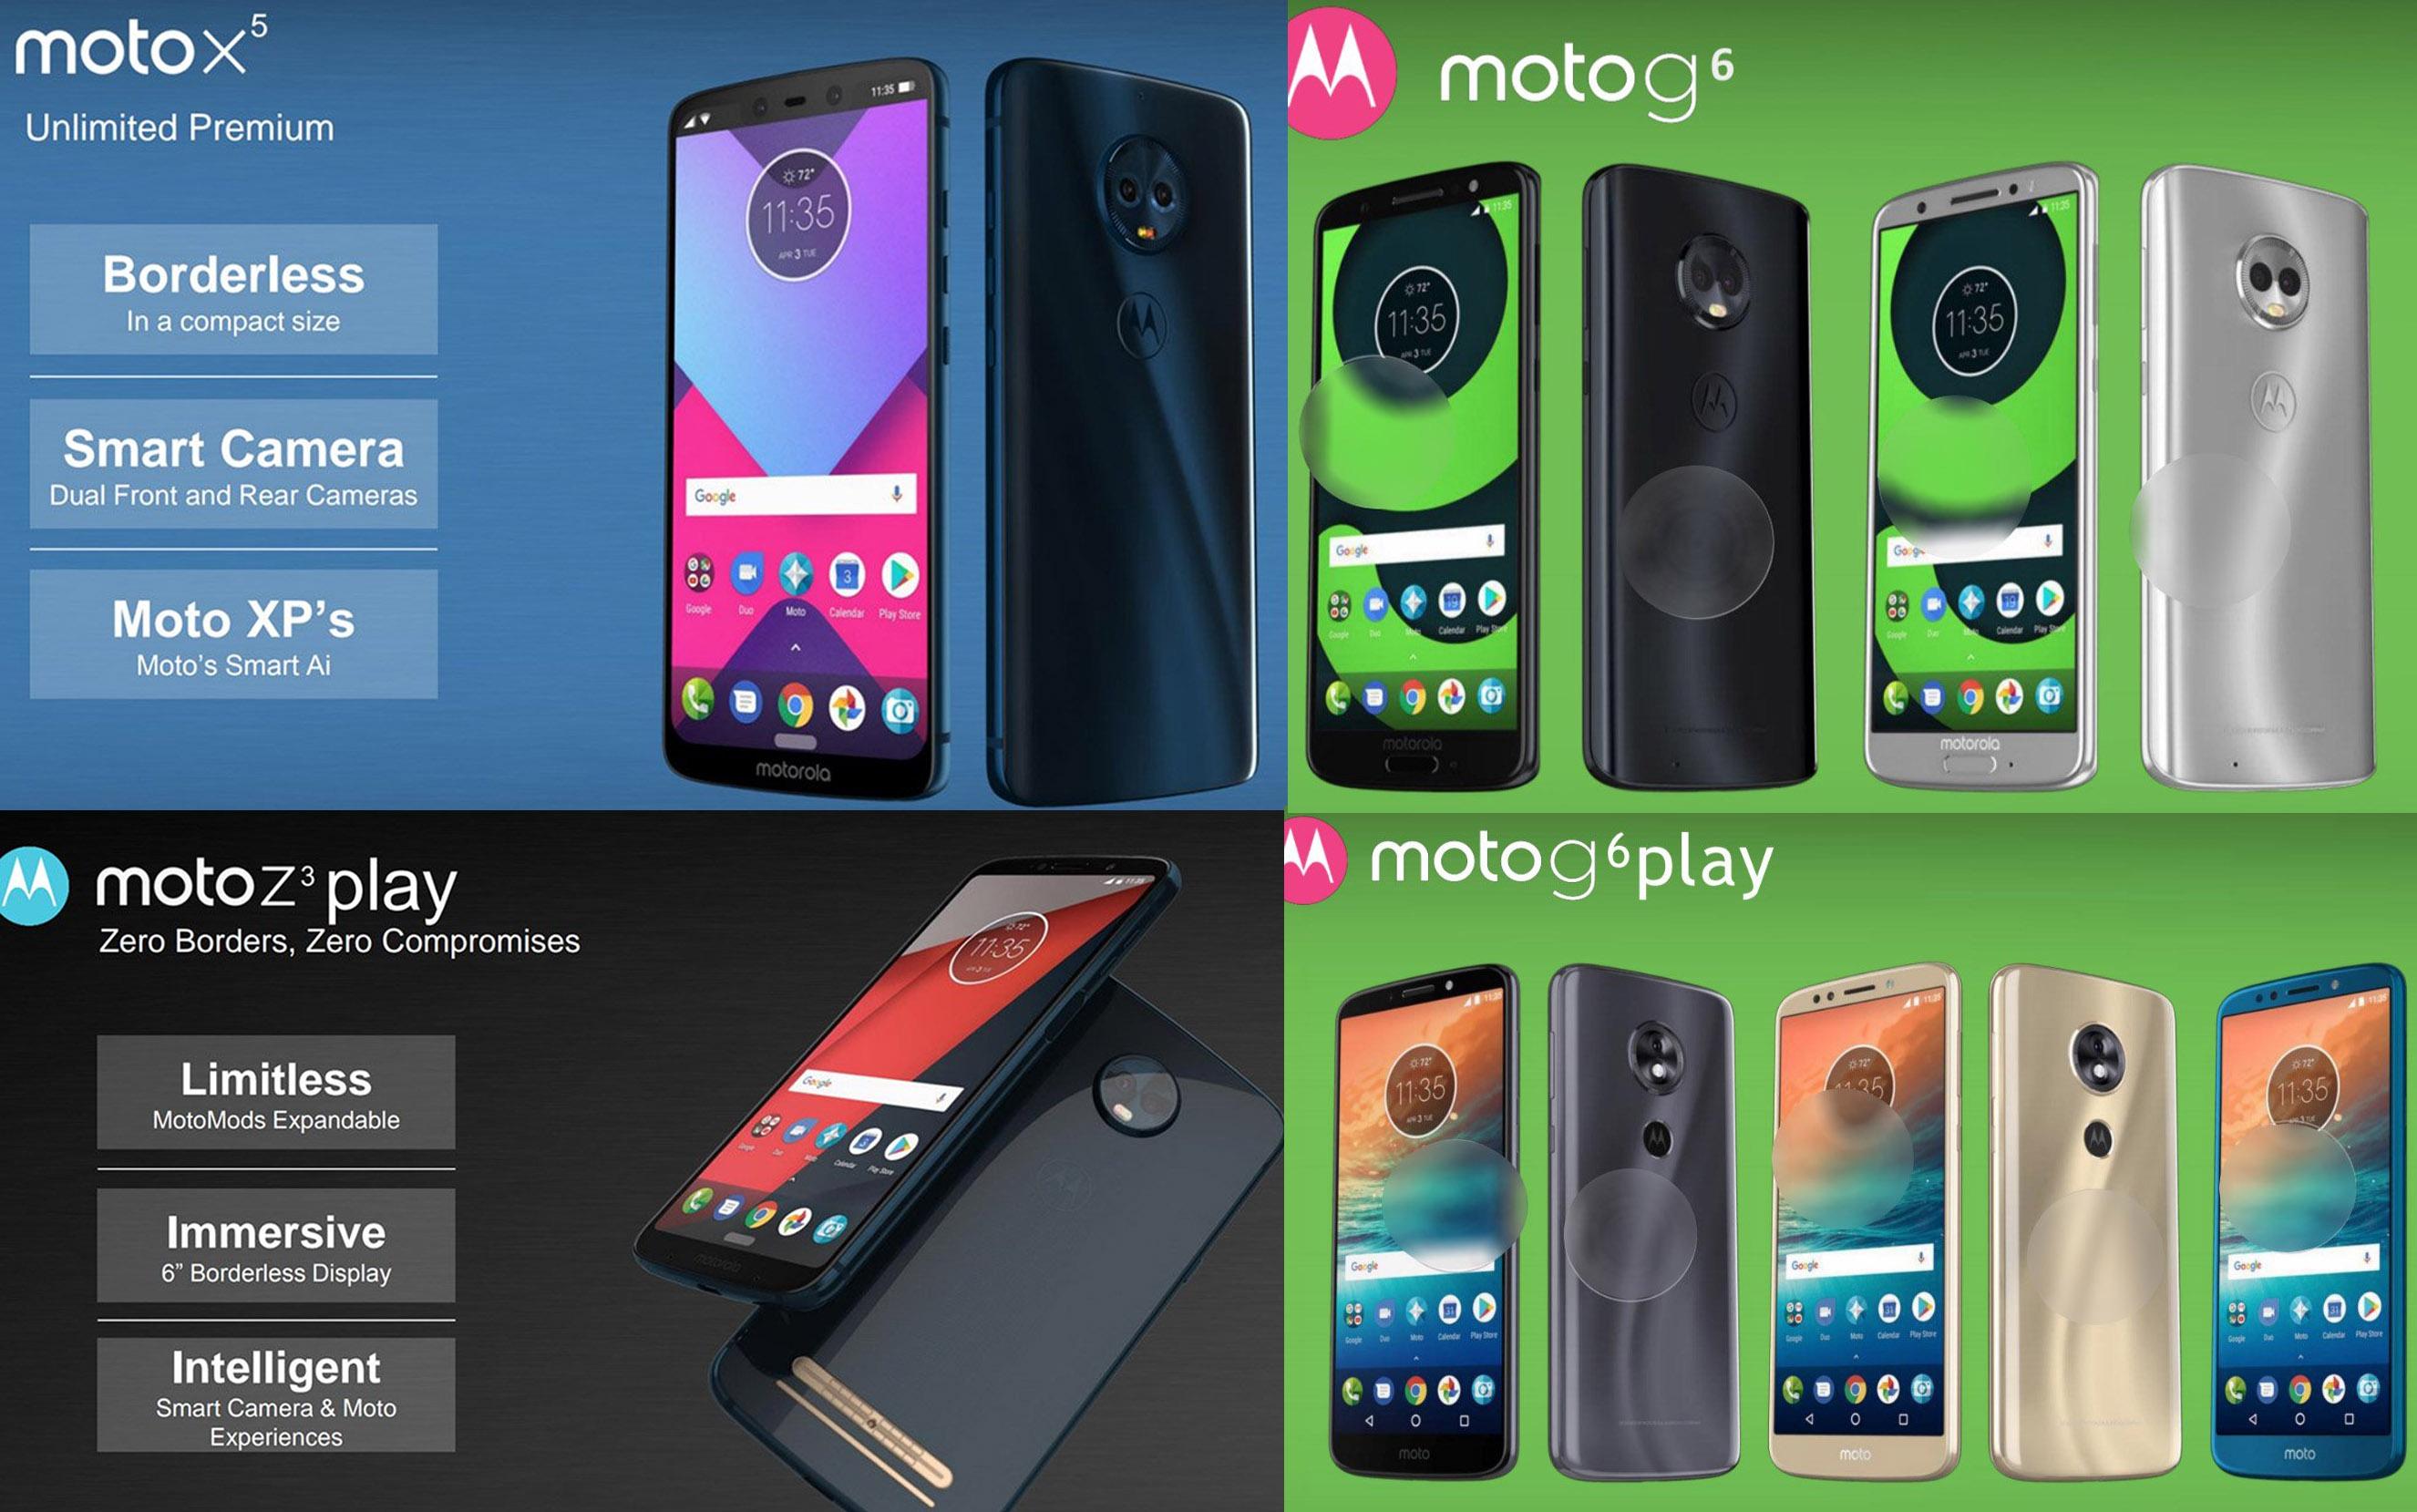 Las imágenes filtradas del Moto X5, G6, G6 Plus y Z3 Play parecen ...